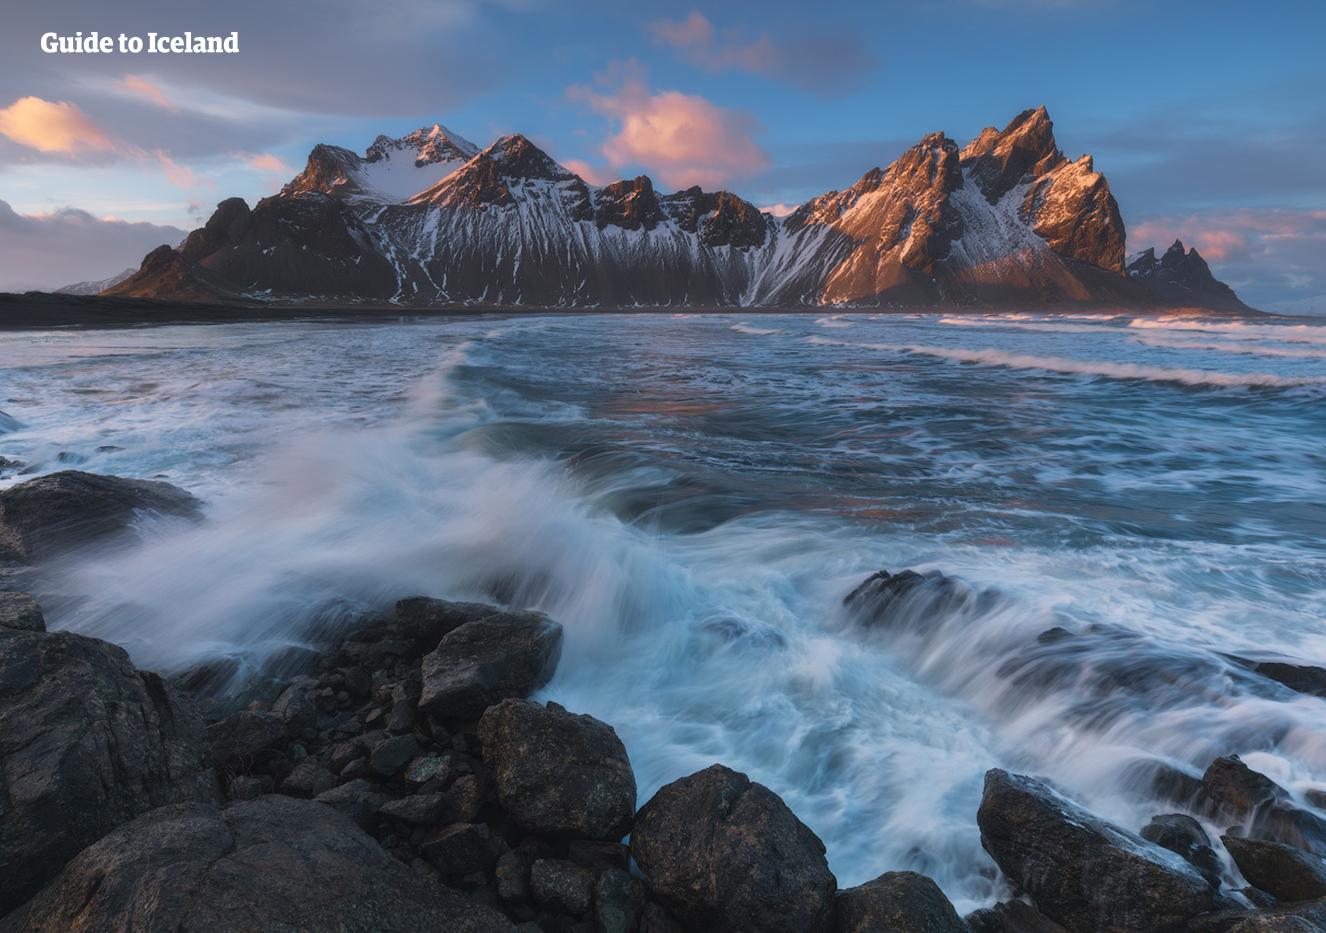 De östra fjordarna bjuder på några av Islands mest dramatiska landskap.